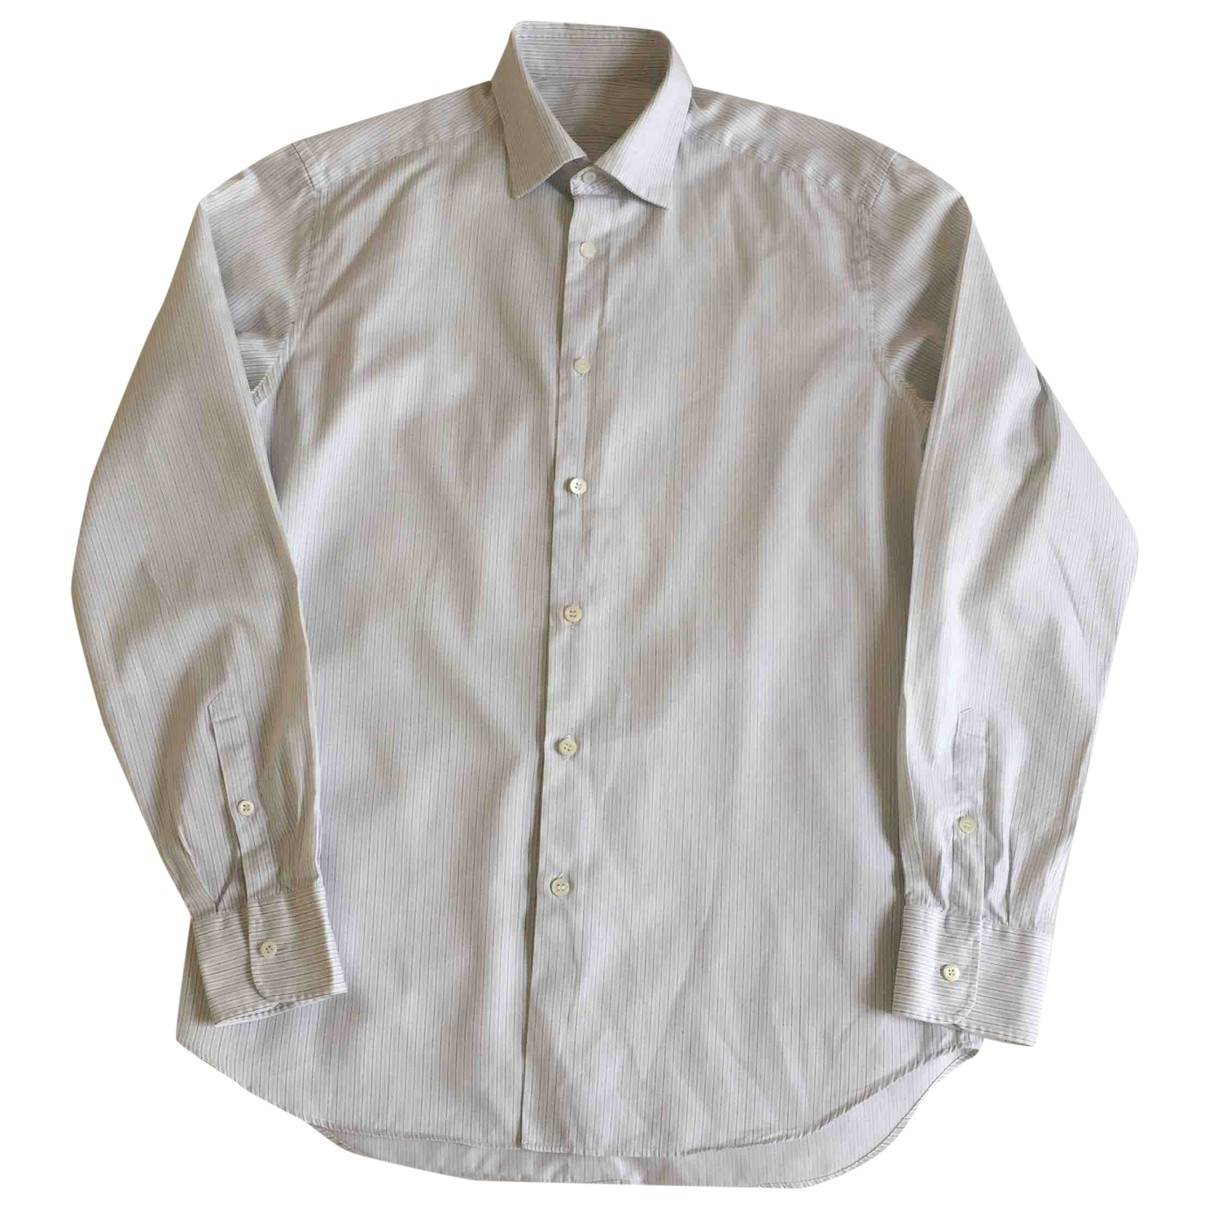 Prada \N White Cotton Shirts for Men 38 EU (tour de cou / collar)